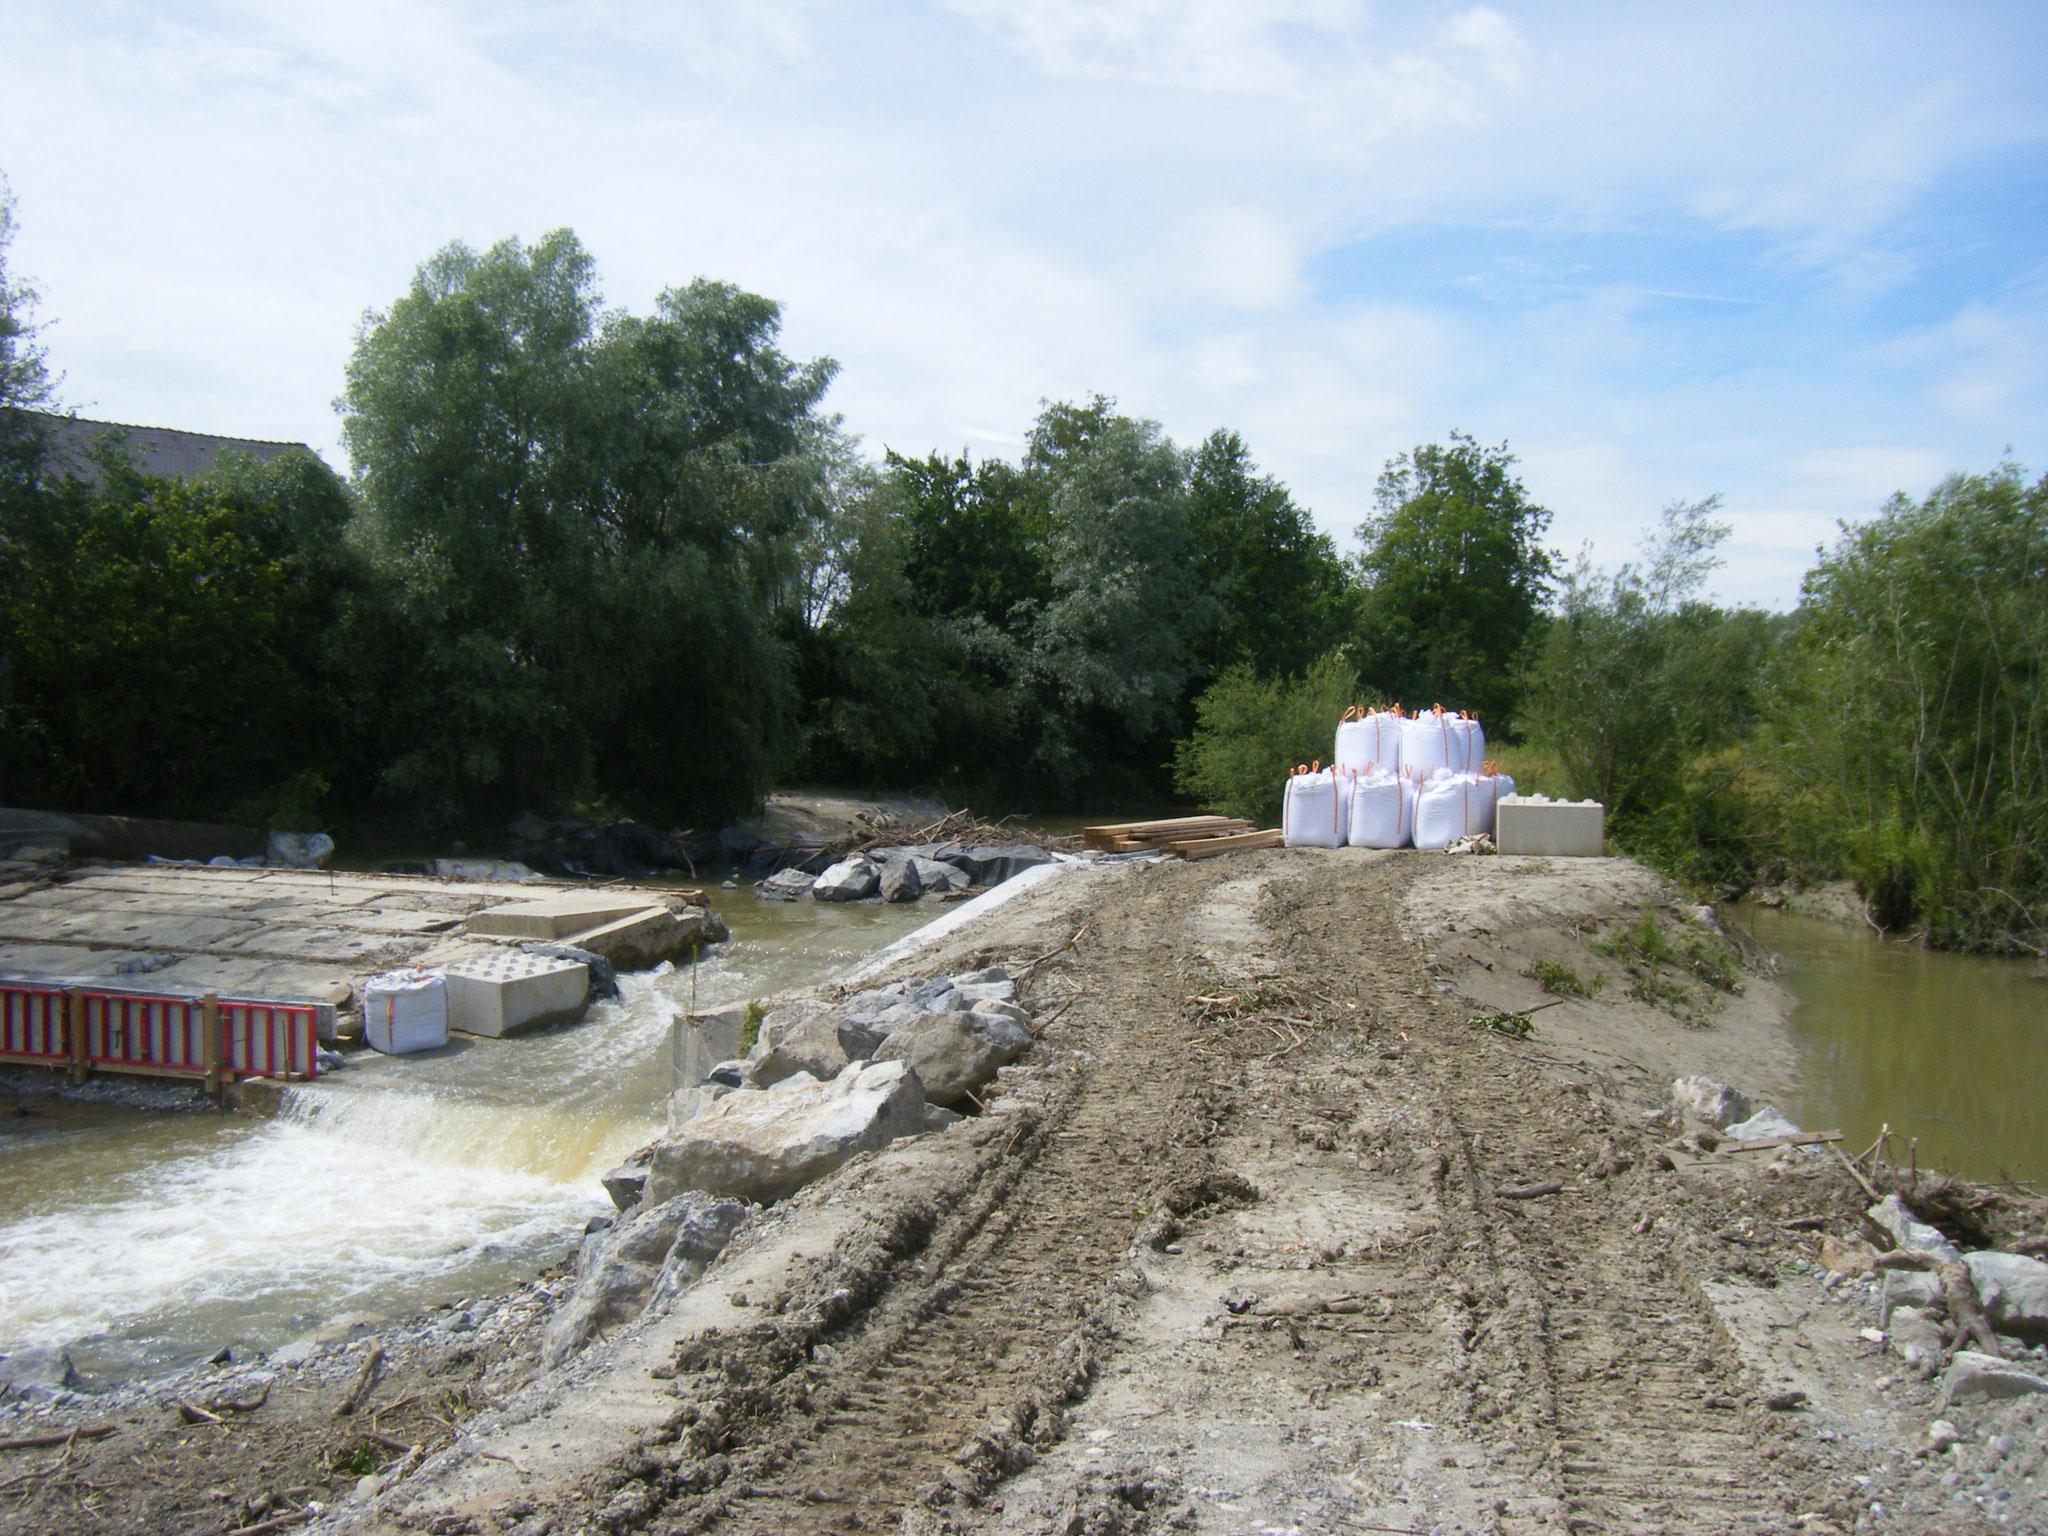 am 3.7. hat sich die Rotach wieder beruhigt, aber man sieht die Zerstörungen, die sie an den Bauarbeiten verursacht hat.